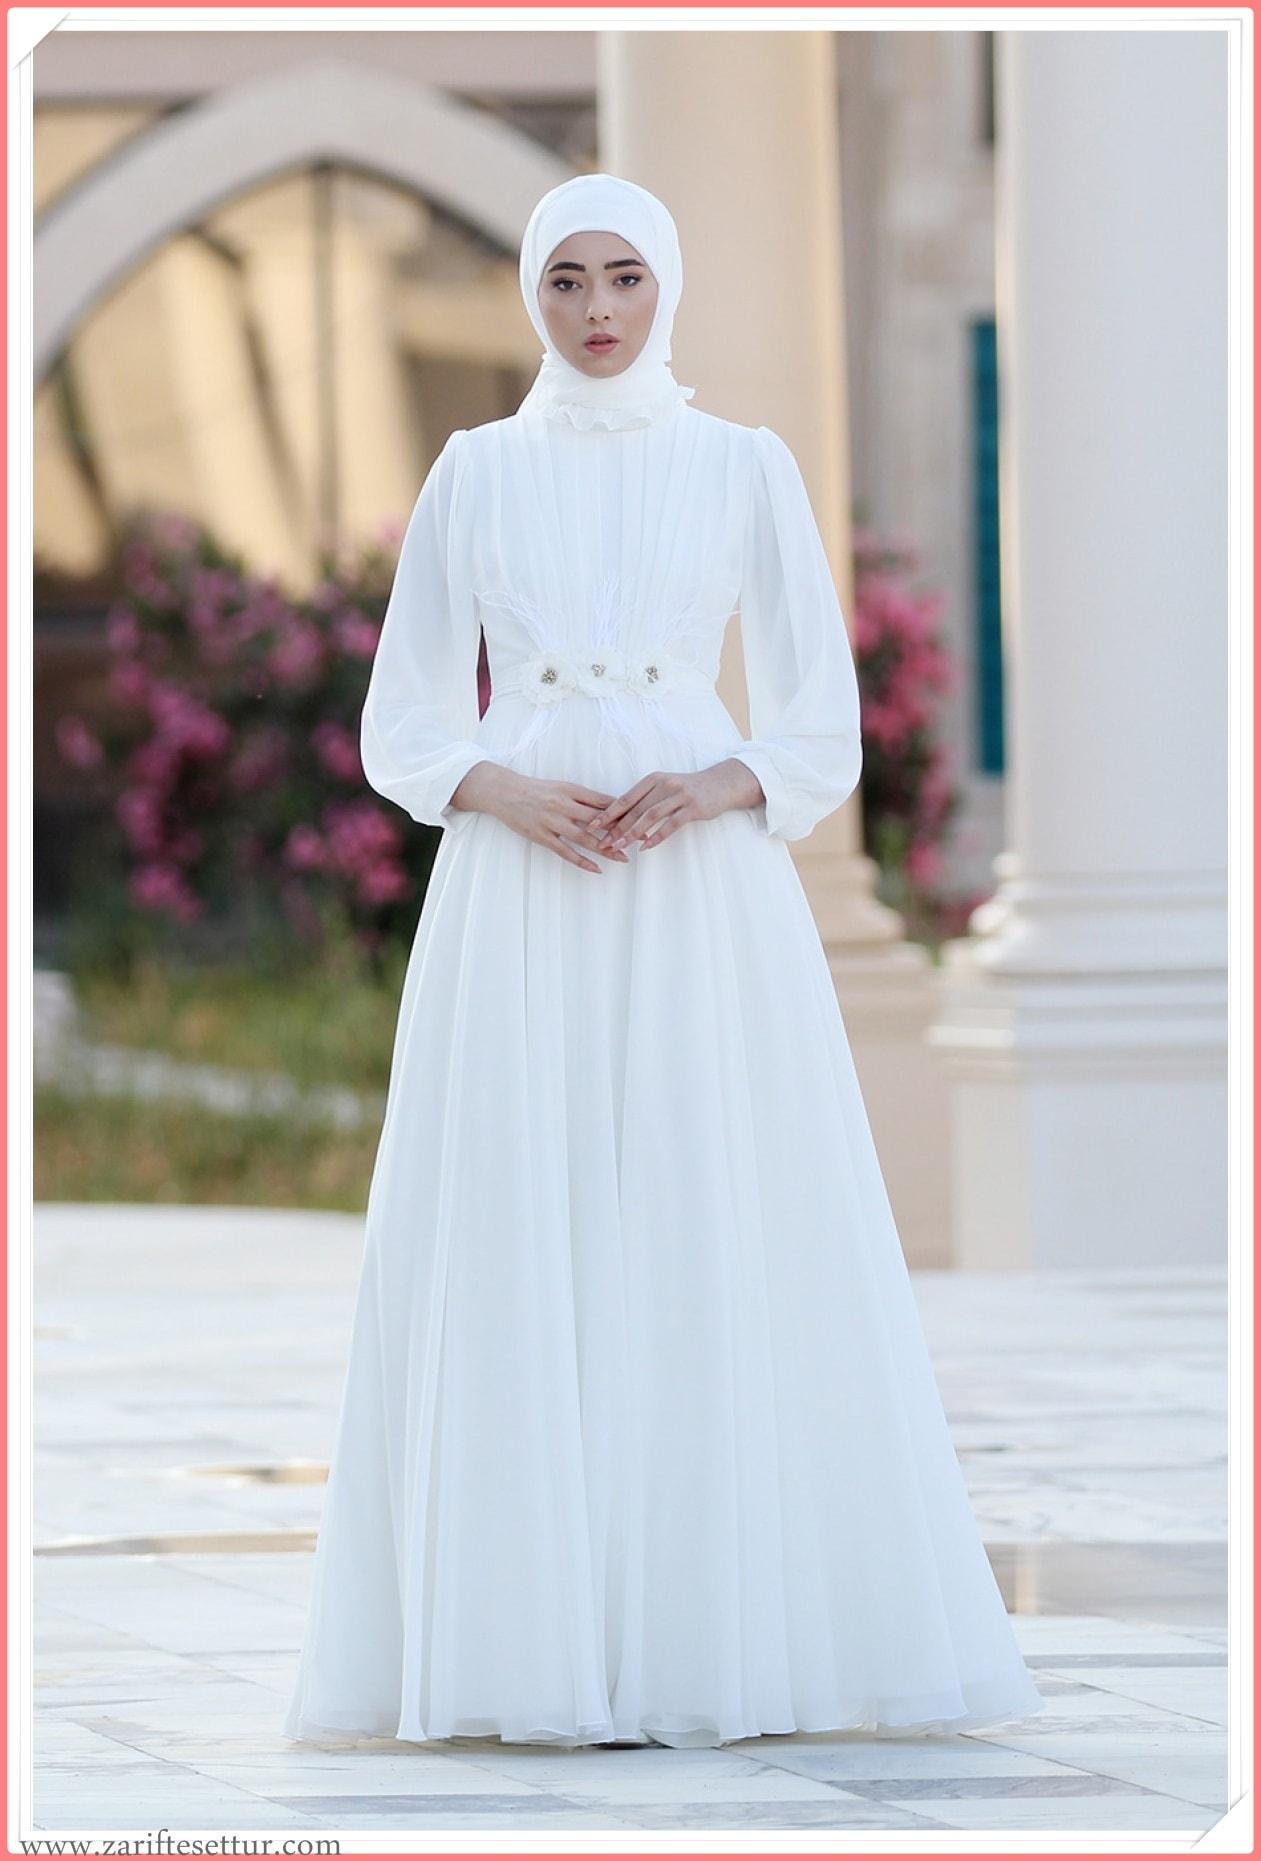 tesetürlü nikah elbisesi 2021,tesettürlü nikah abiyesi 2021,nikah abiye elbise 2021,beyaz nikah elbisesi 2021,tesettür nikah elbisesi 2021,nikah elbisesi tesettür,nikah elbisesi beyaz,nikah elbisesi 2021,nikah kıyafetleri,sade şık nikah elbiseleri,tasarım nikah elbiseleri,sade nikah elbisesi,ekru nikah elbisesi,nikahta giyilebilecek elbise modelleri,